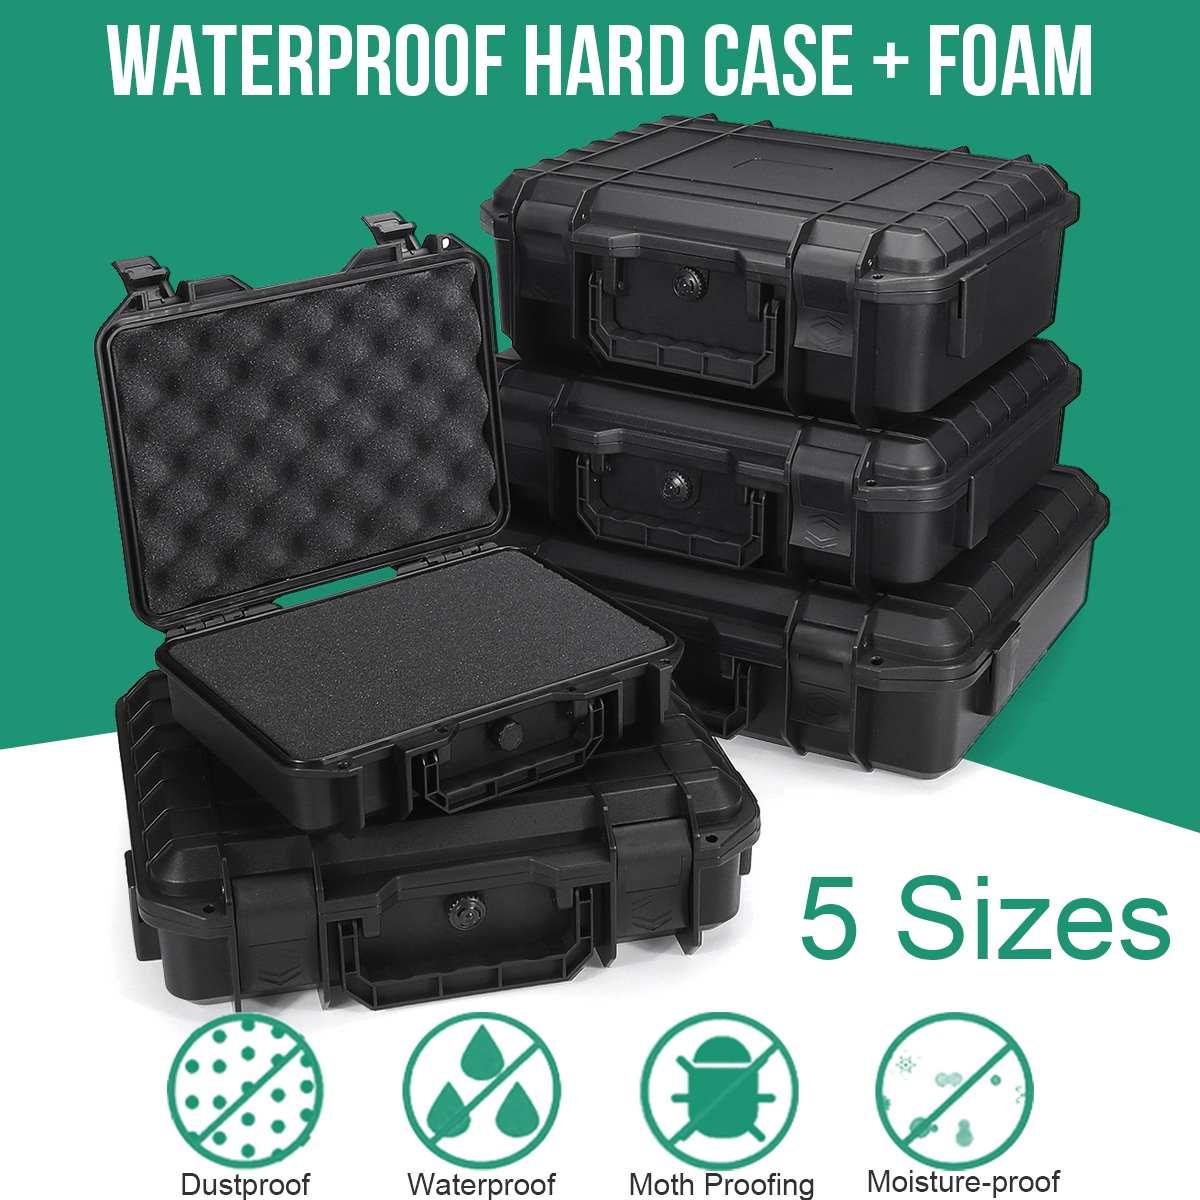 Skrzynka narzędziowa ochronna skrzynka narzędziowa wodoodporne opakowanie odporne na wstrząsy skrzynka narzędziowa uszczelniona walizka narzędziowa odporna na uderzenia walizka gąbka